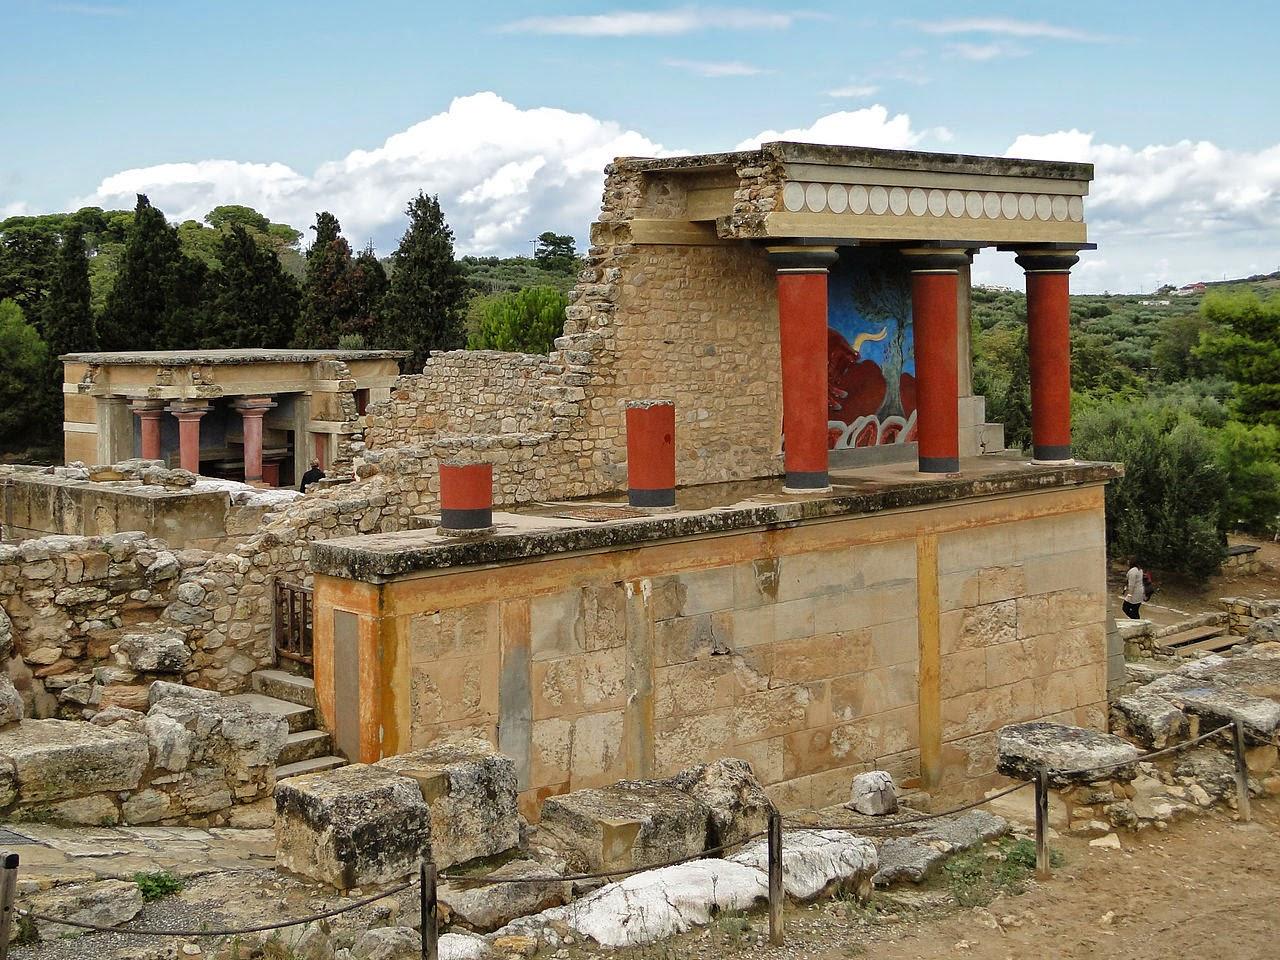 Одна из важнейших достопримечательностей – остатки дворца Кносос